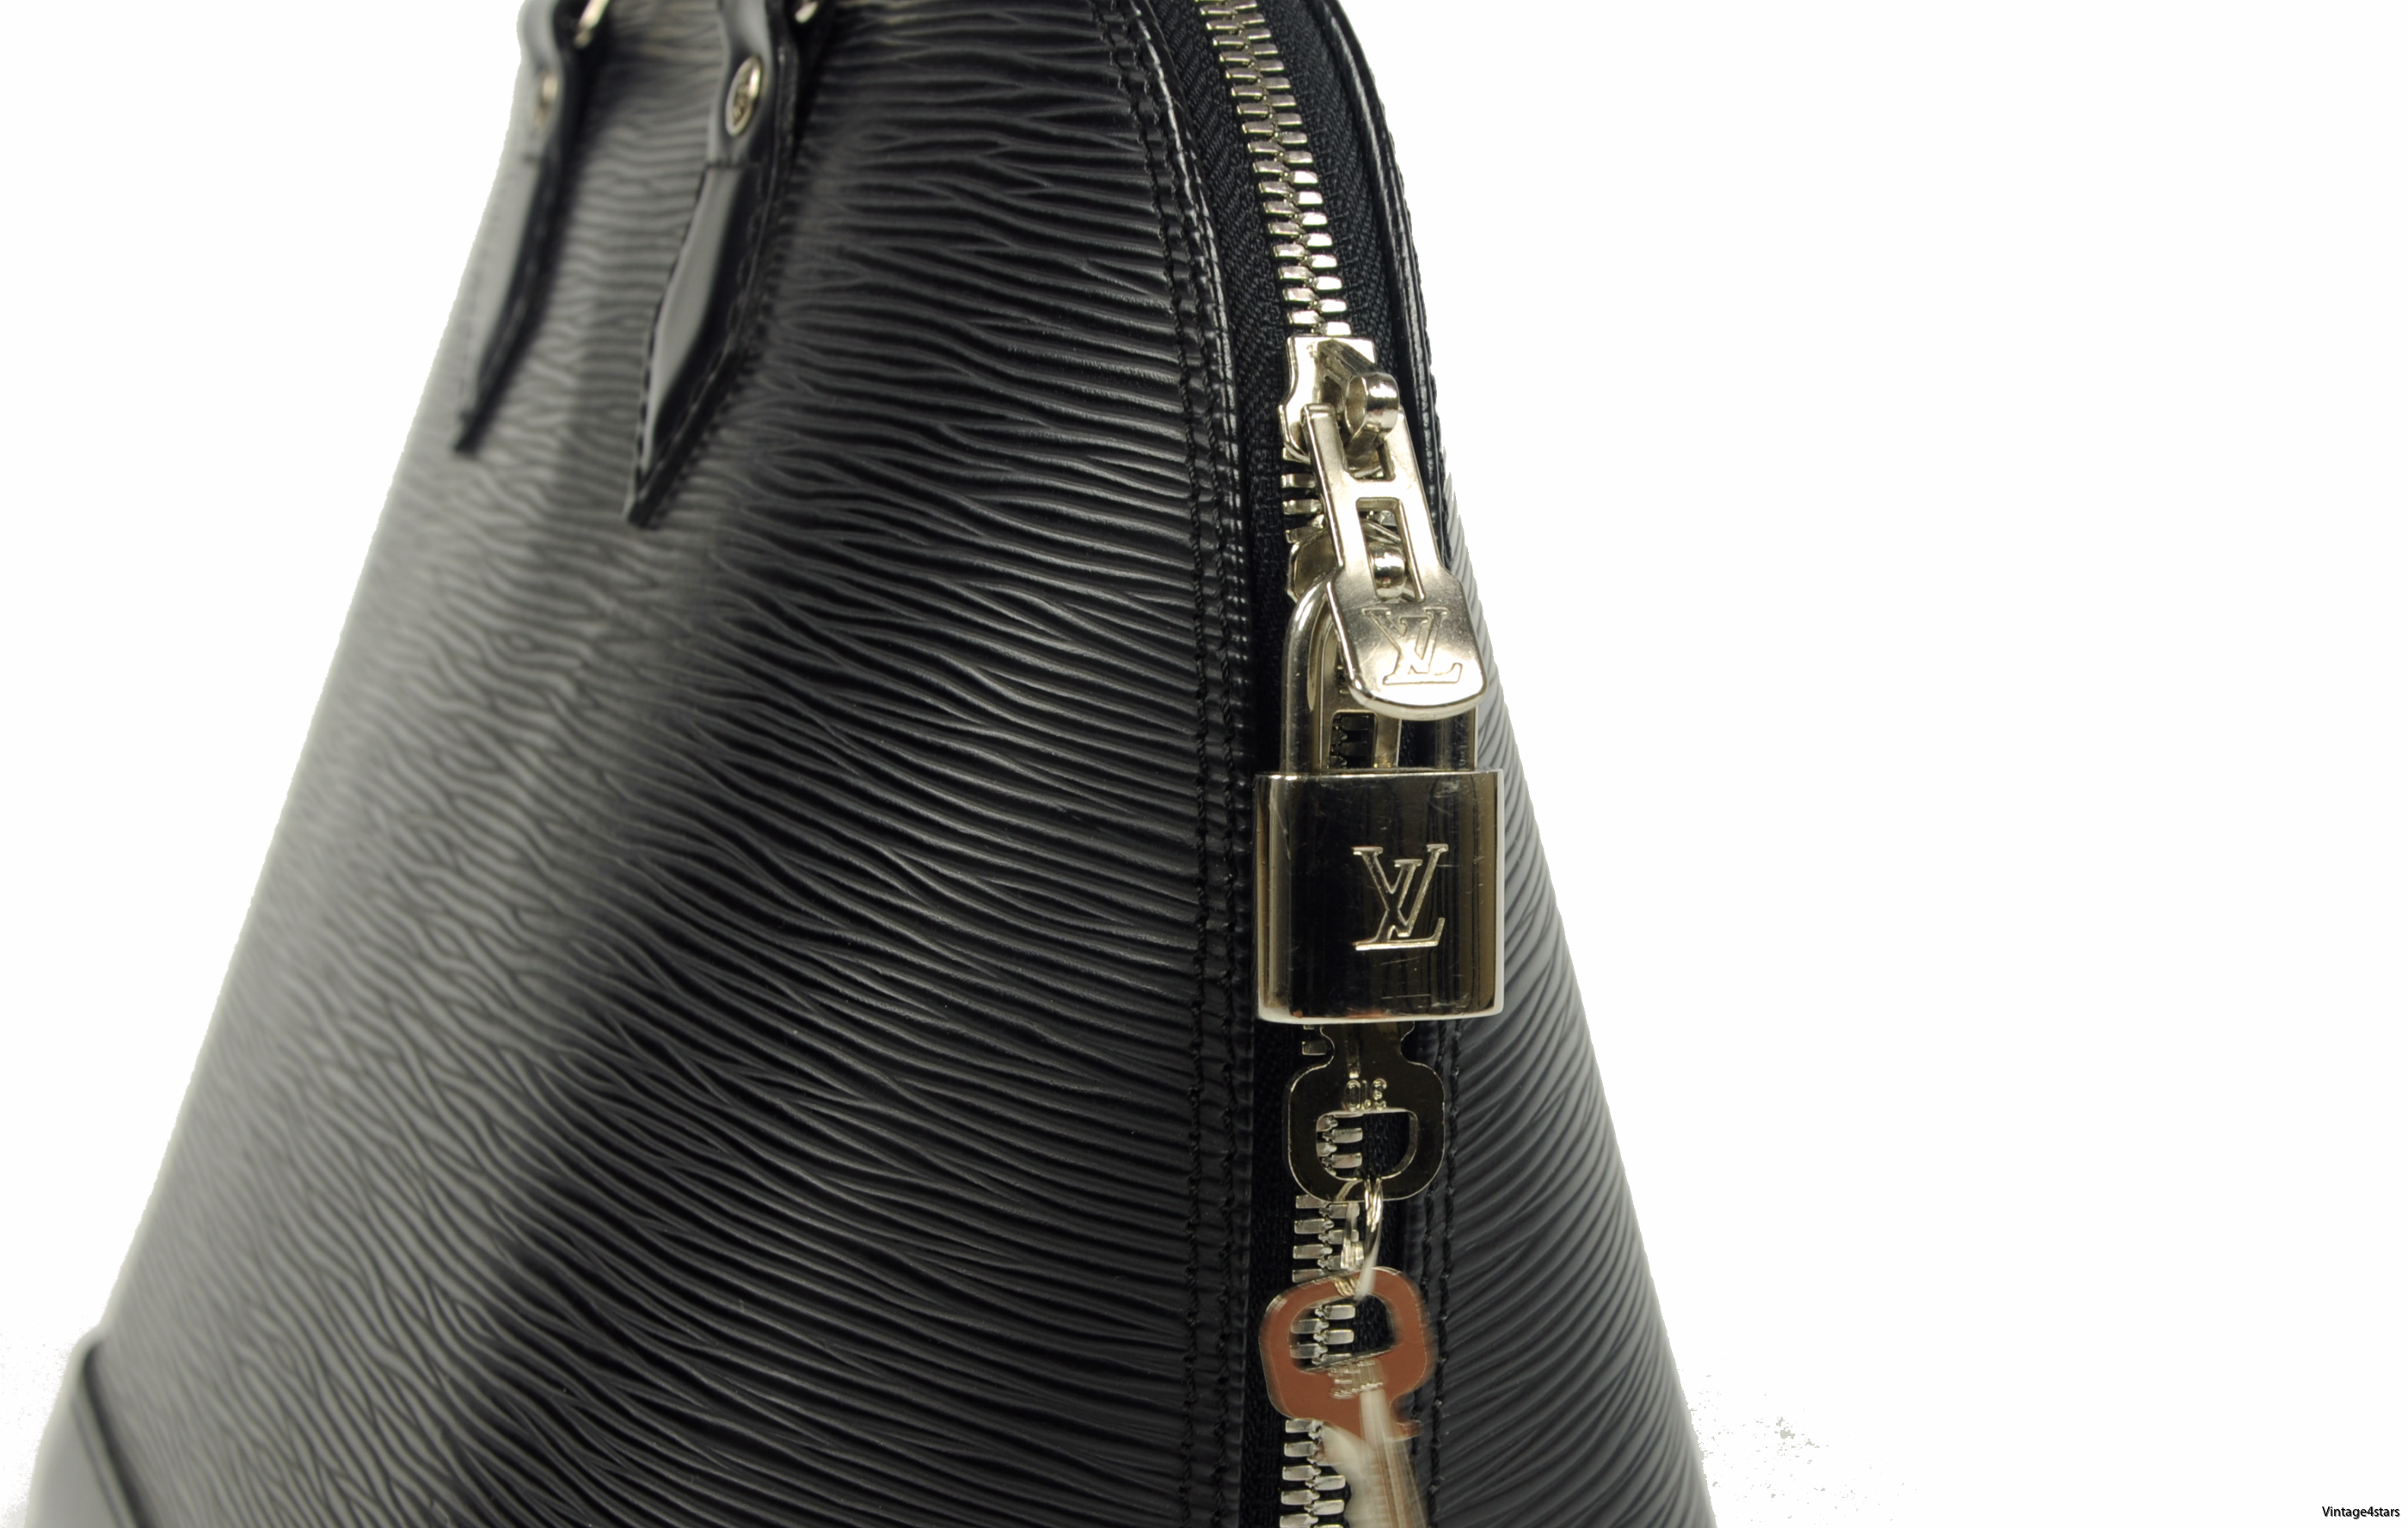 Louis Vuitton Alma PM SHW 6